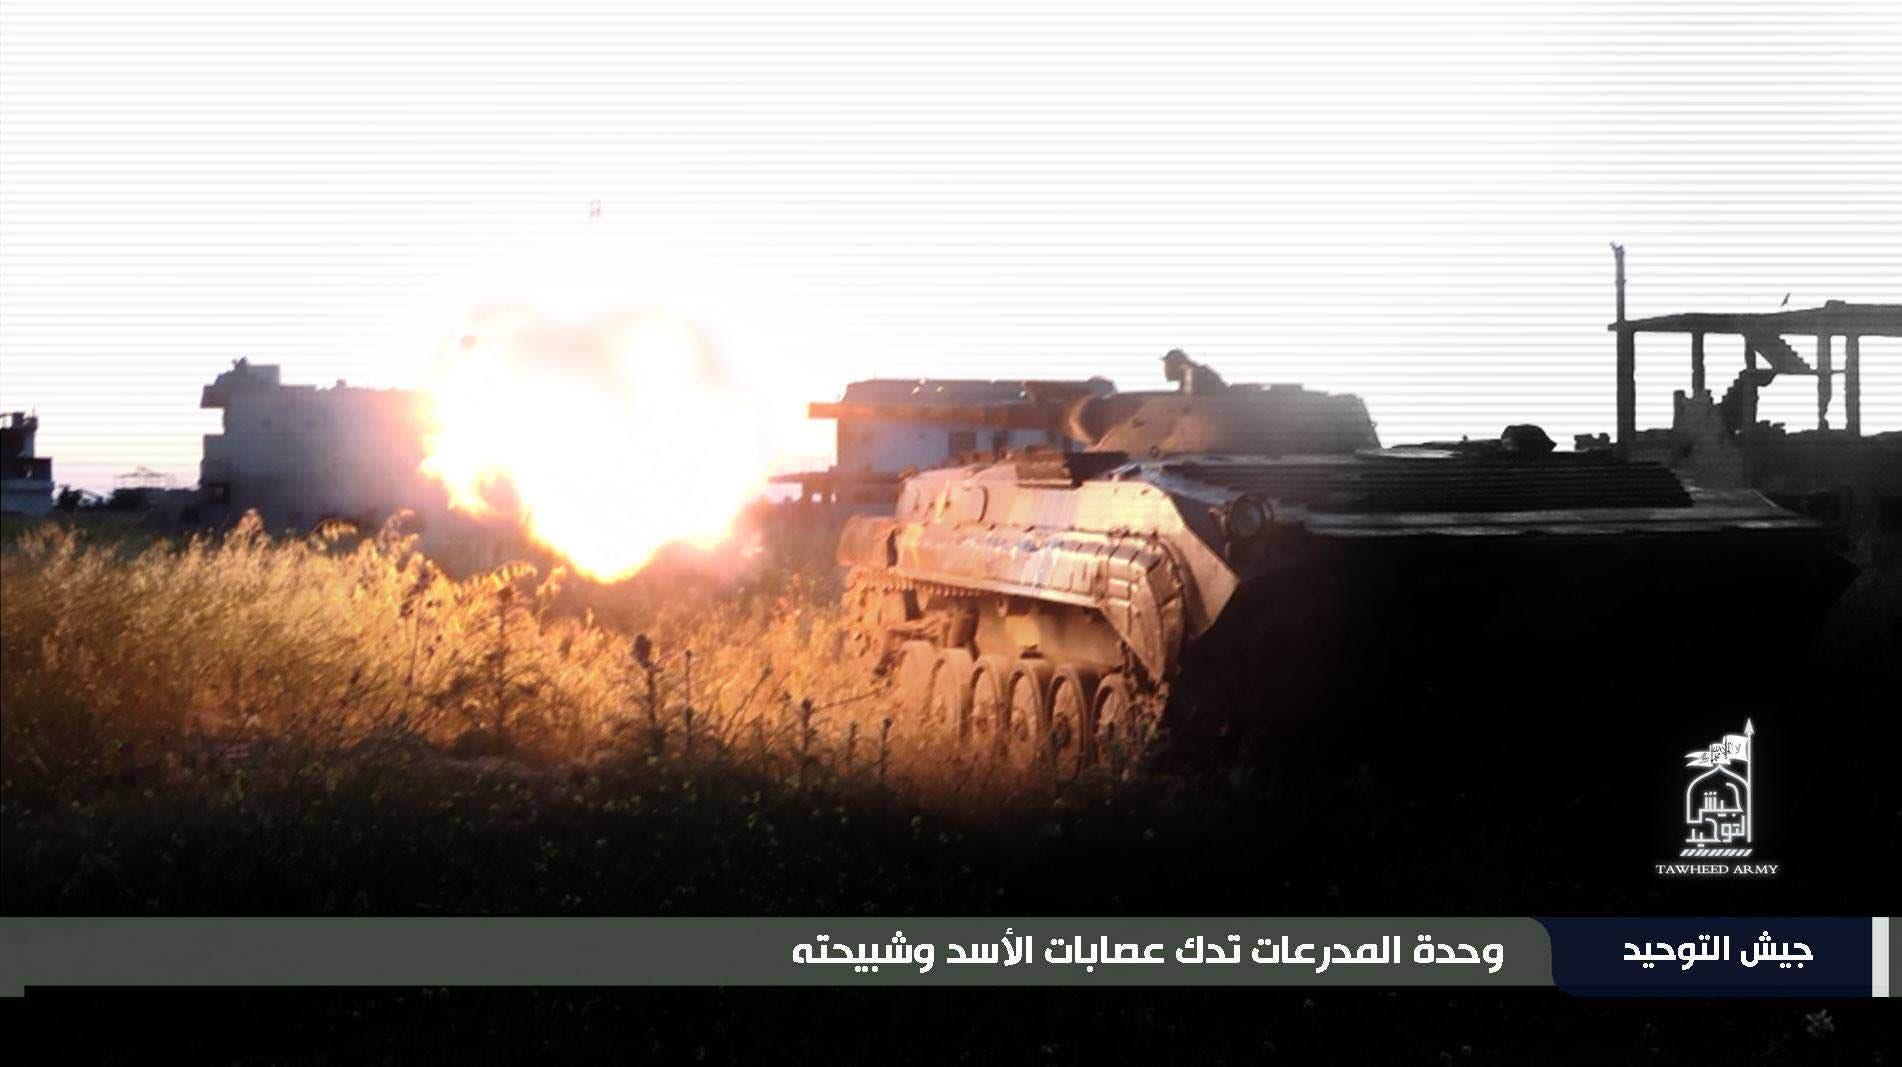 #داعش على أبواب #حمص والثوار يحشدون لمواجهة منتظرة 556a1b6e-d2d9-4c6f-86cb-60b1f6acac3c